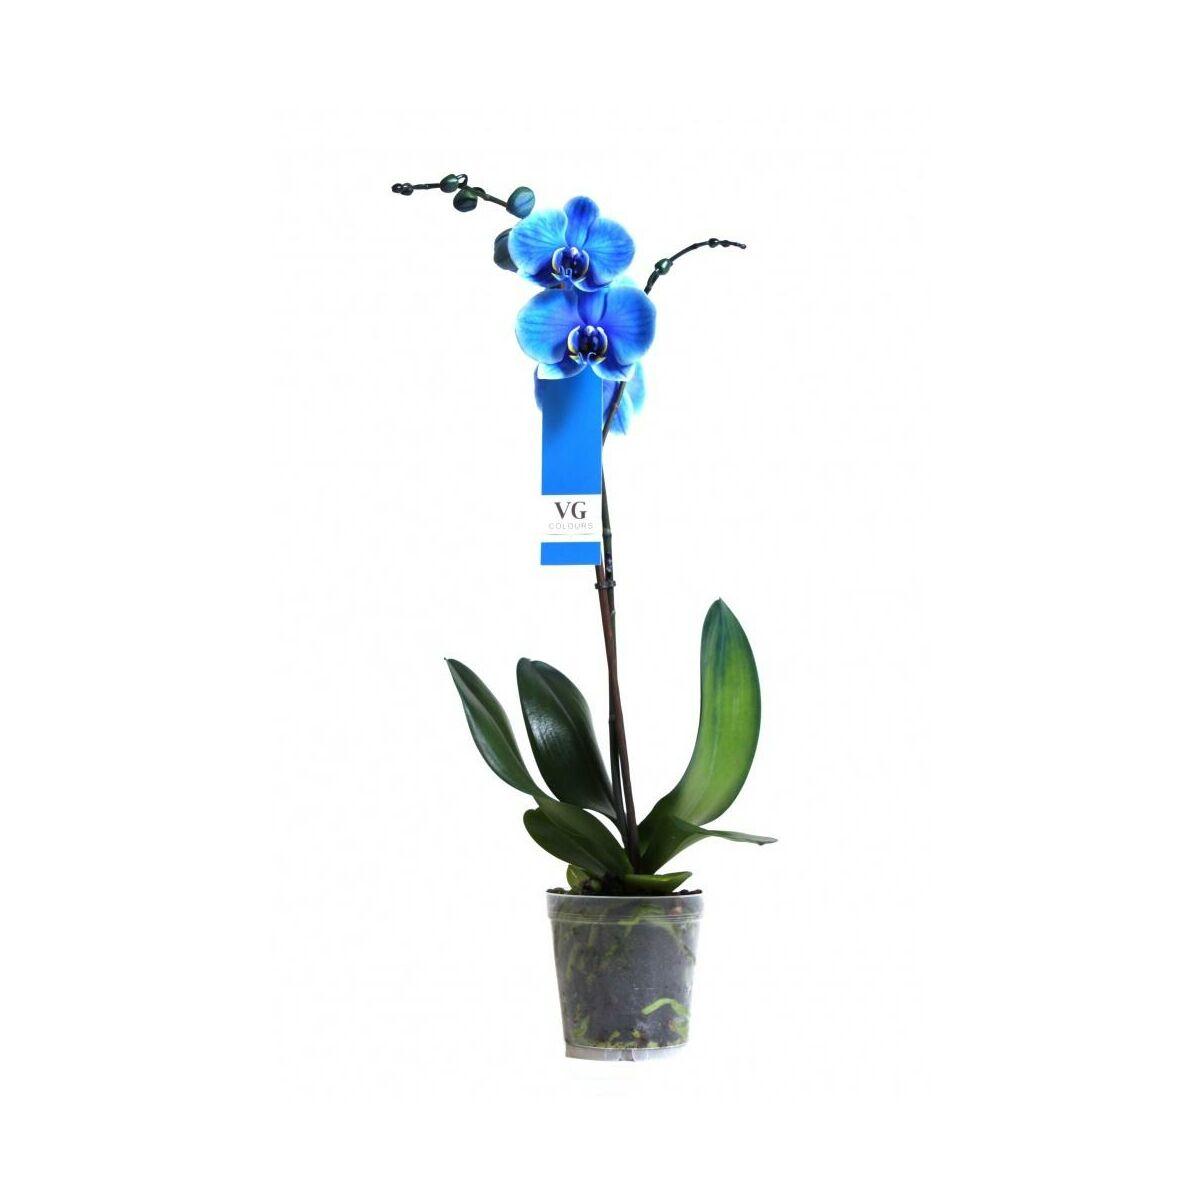 Storczyk Falenopsis Niebieski 1 Ped 50 70 Cm Rosliny Kwitnace W Atrakcyjnej Cenie W Sklepach Leroy Merlin